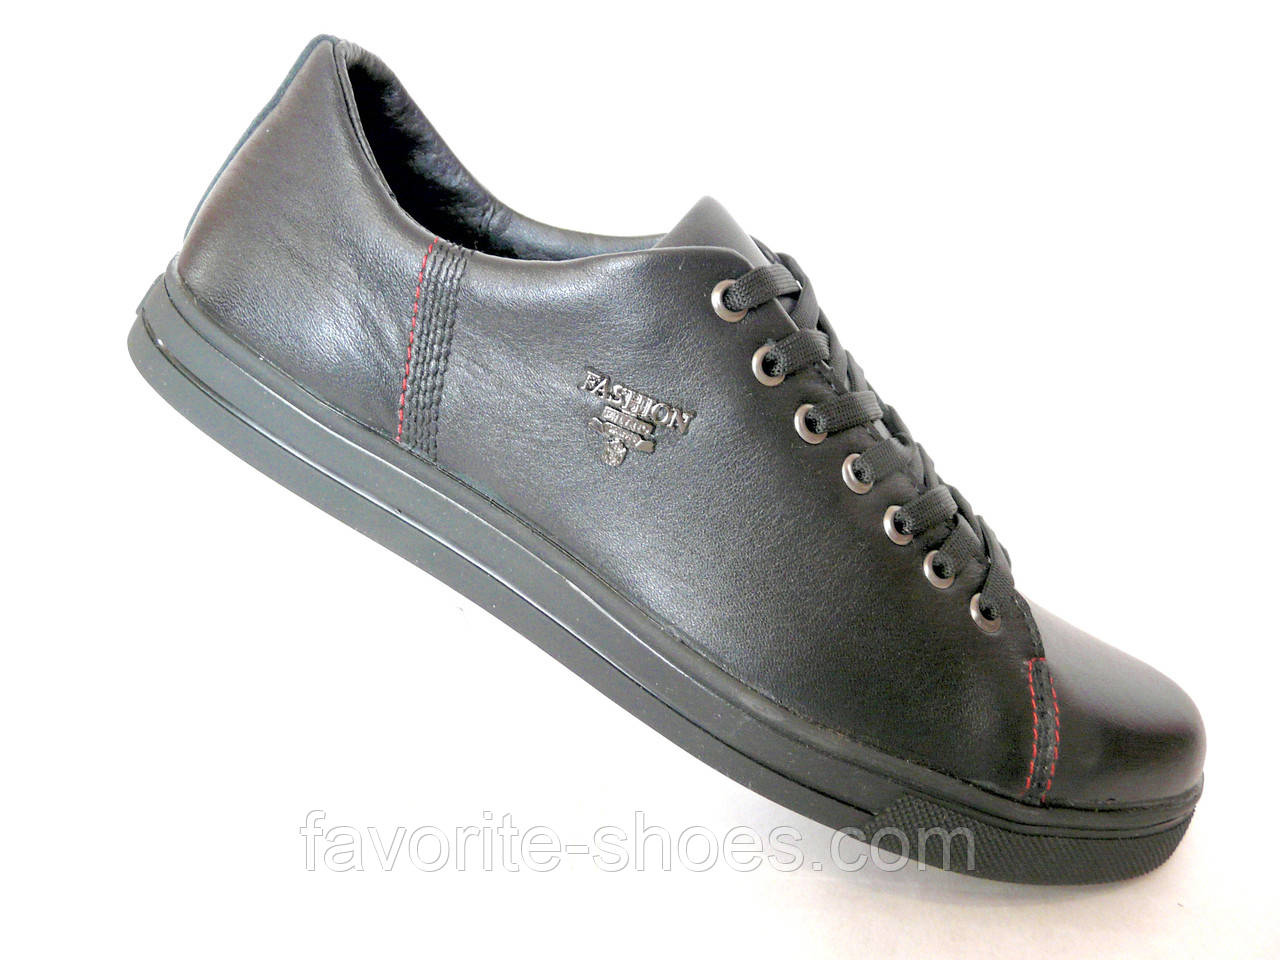 c40213c12 Кожаные мужские кроссовки Fashion чер. - Интернет - магазин